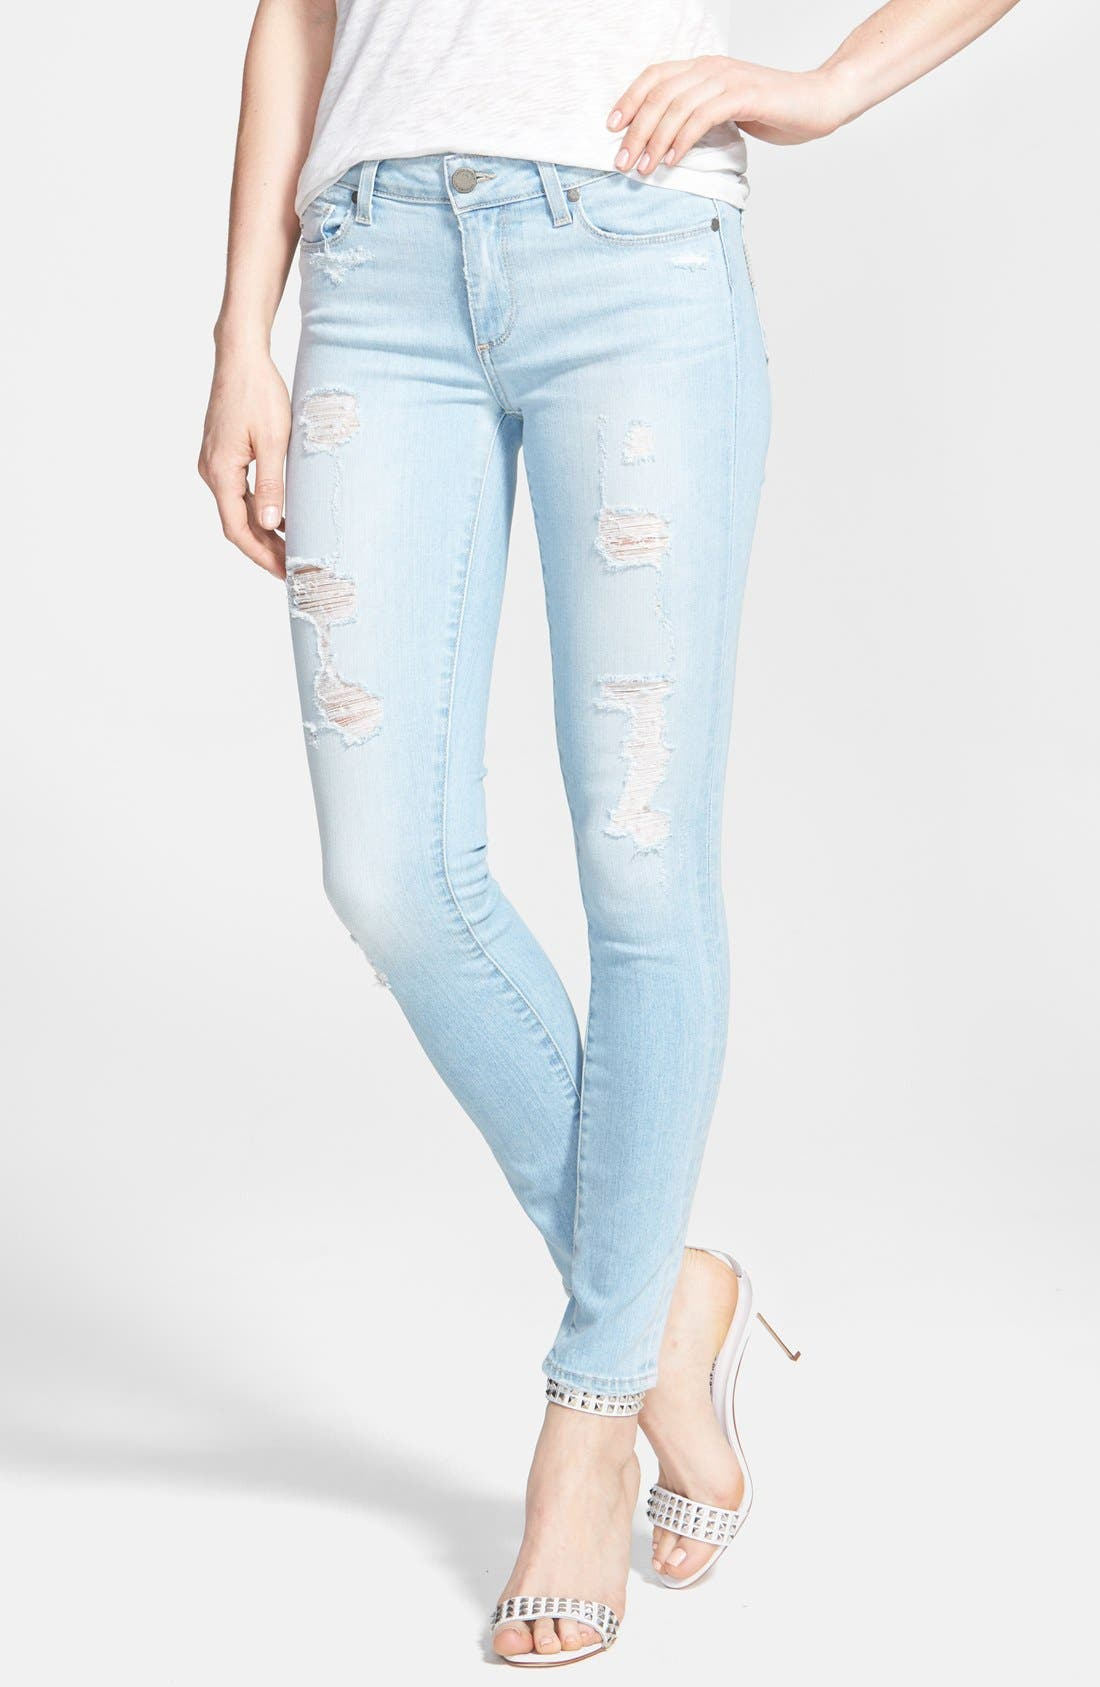 Alternate Image 1 Selected - Paige Denim 'Verdugo' Destroyed Crop Skinny Jeans (Naomi Destructed)